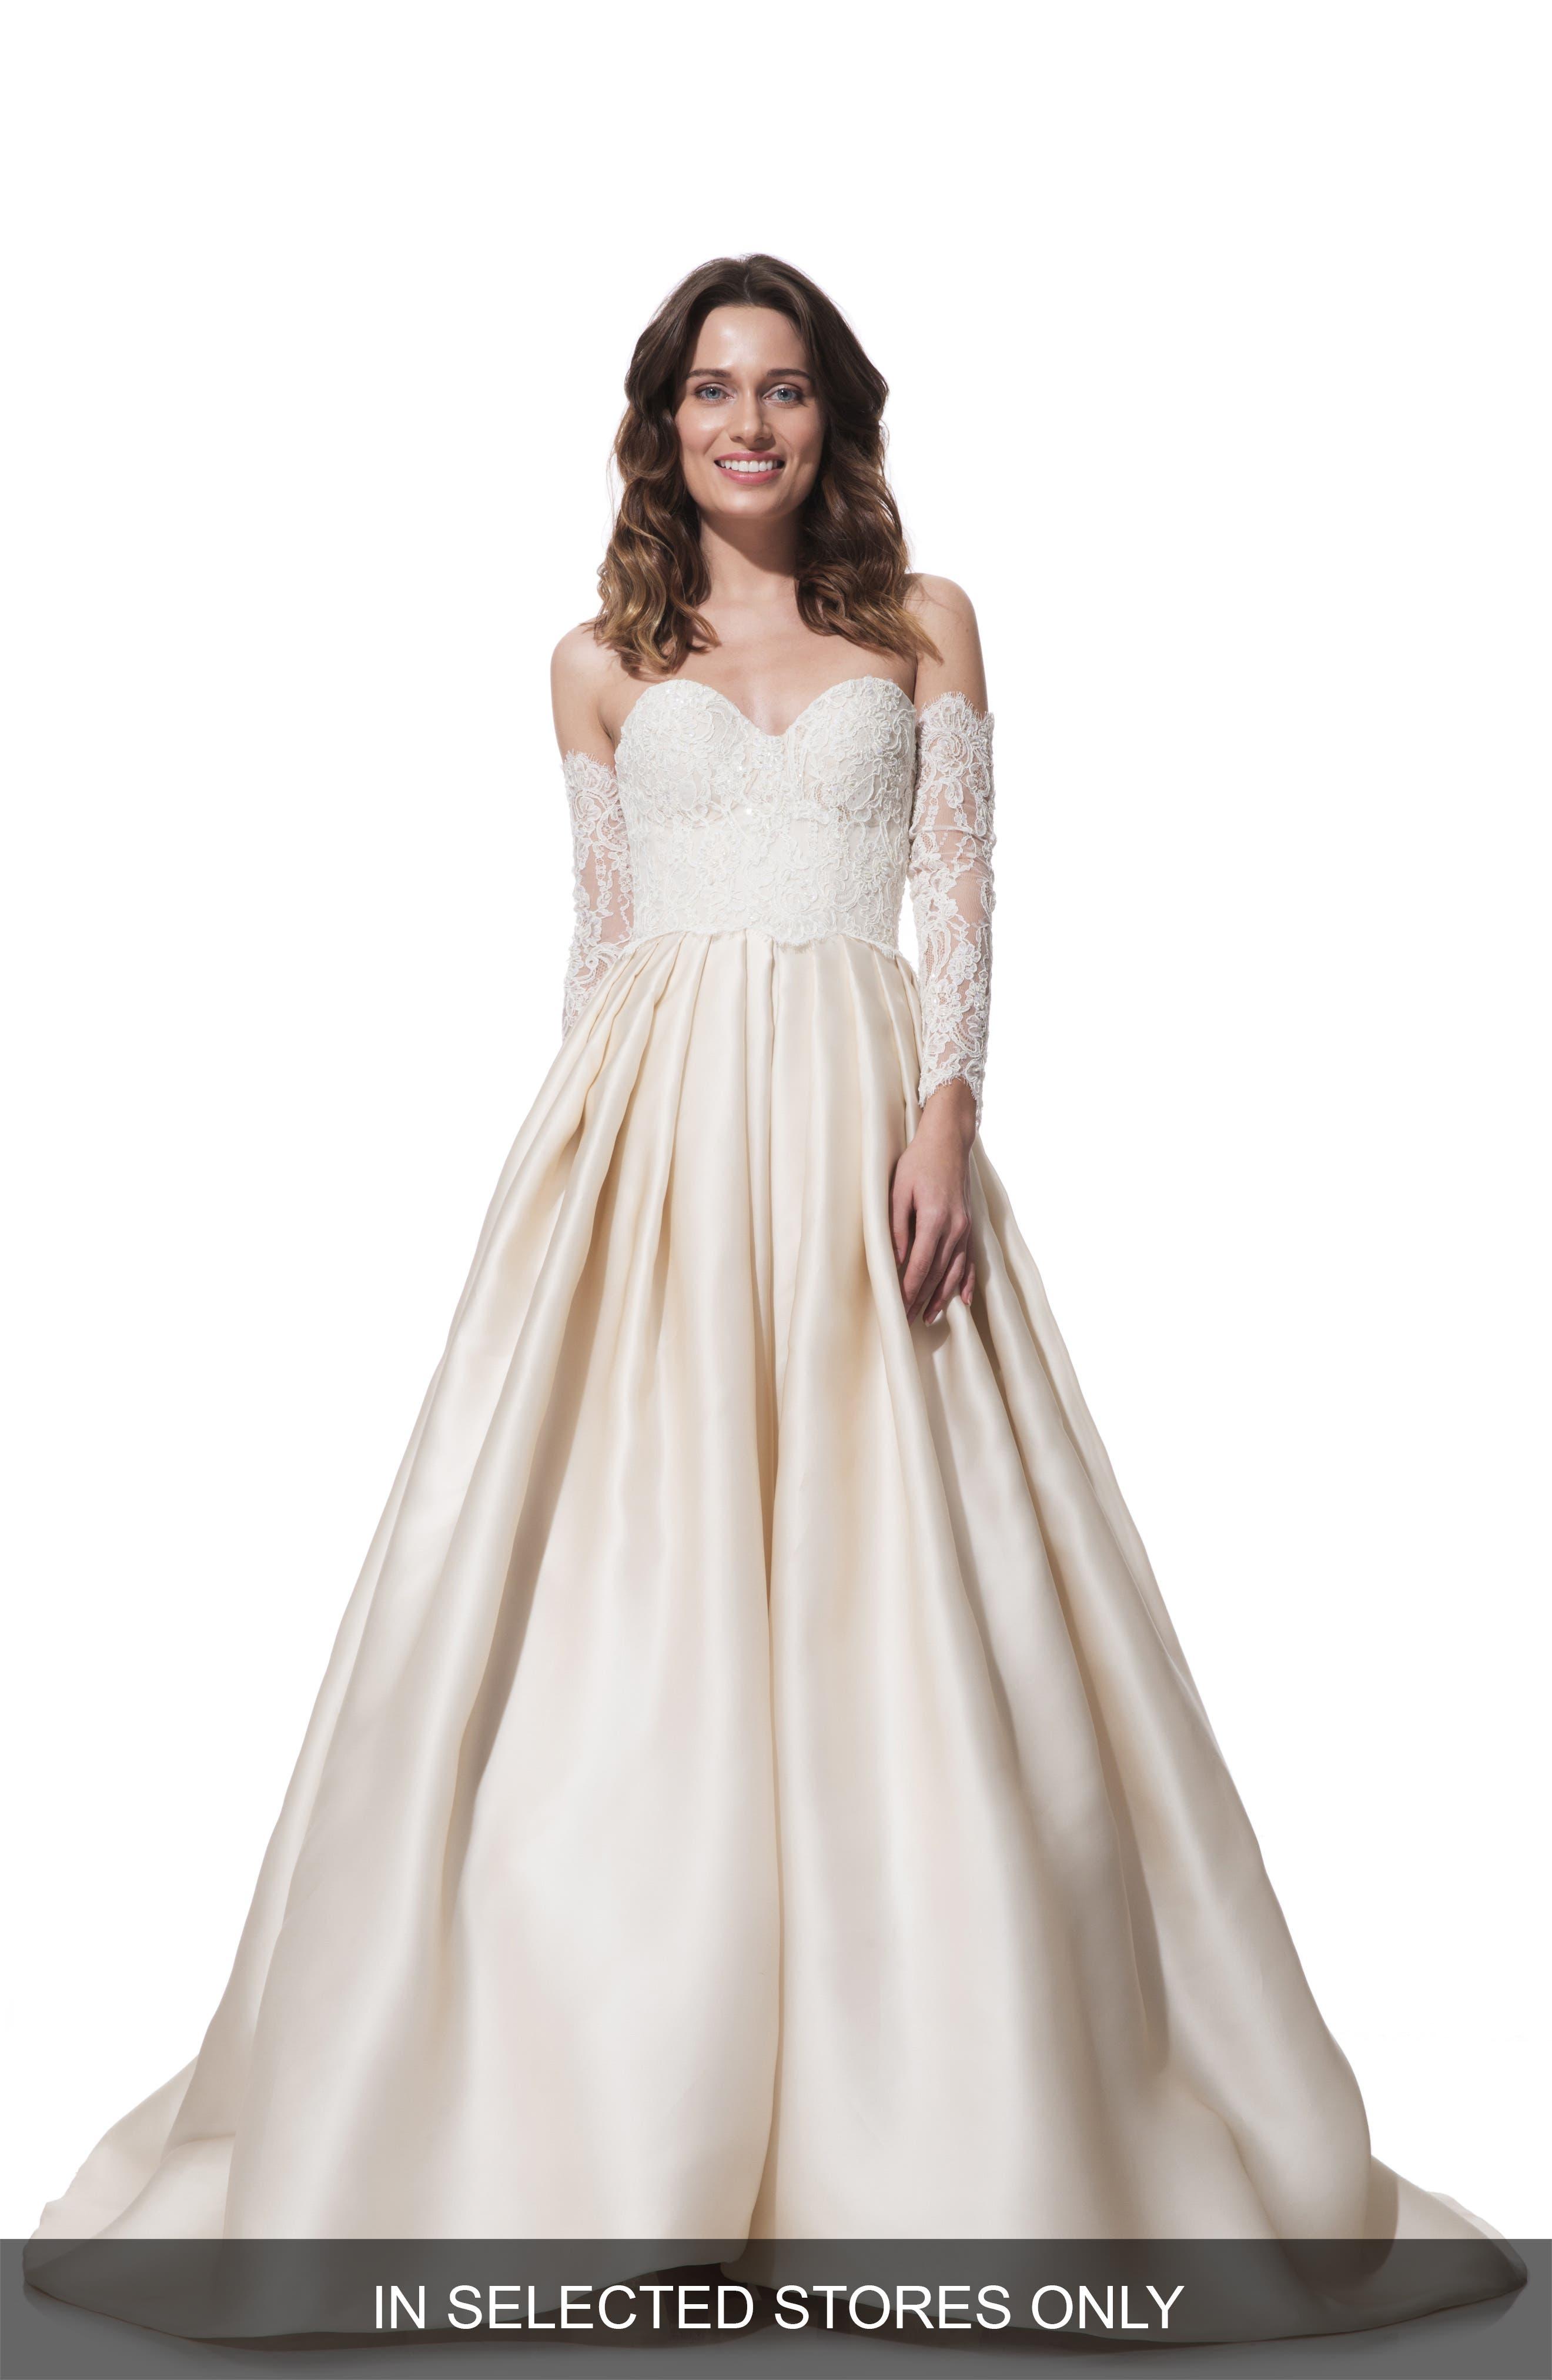 Main Image - Olia Zavozina Clara Lace & Silk Organza Ballgown Dress